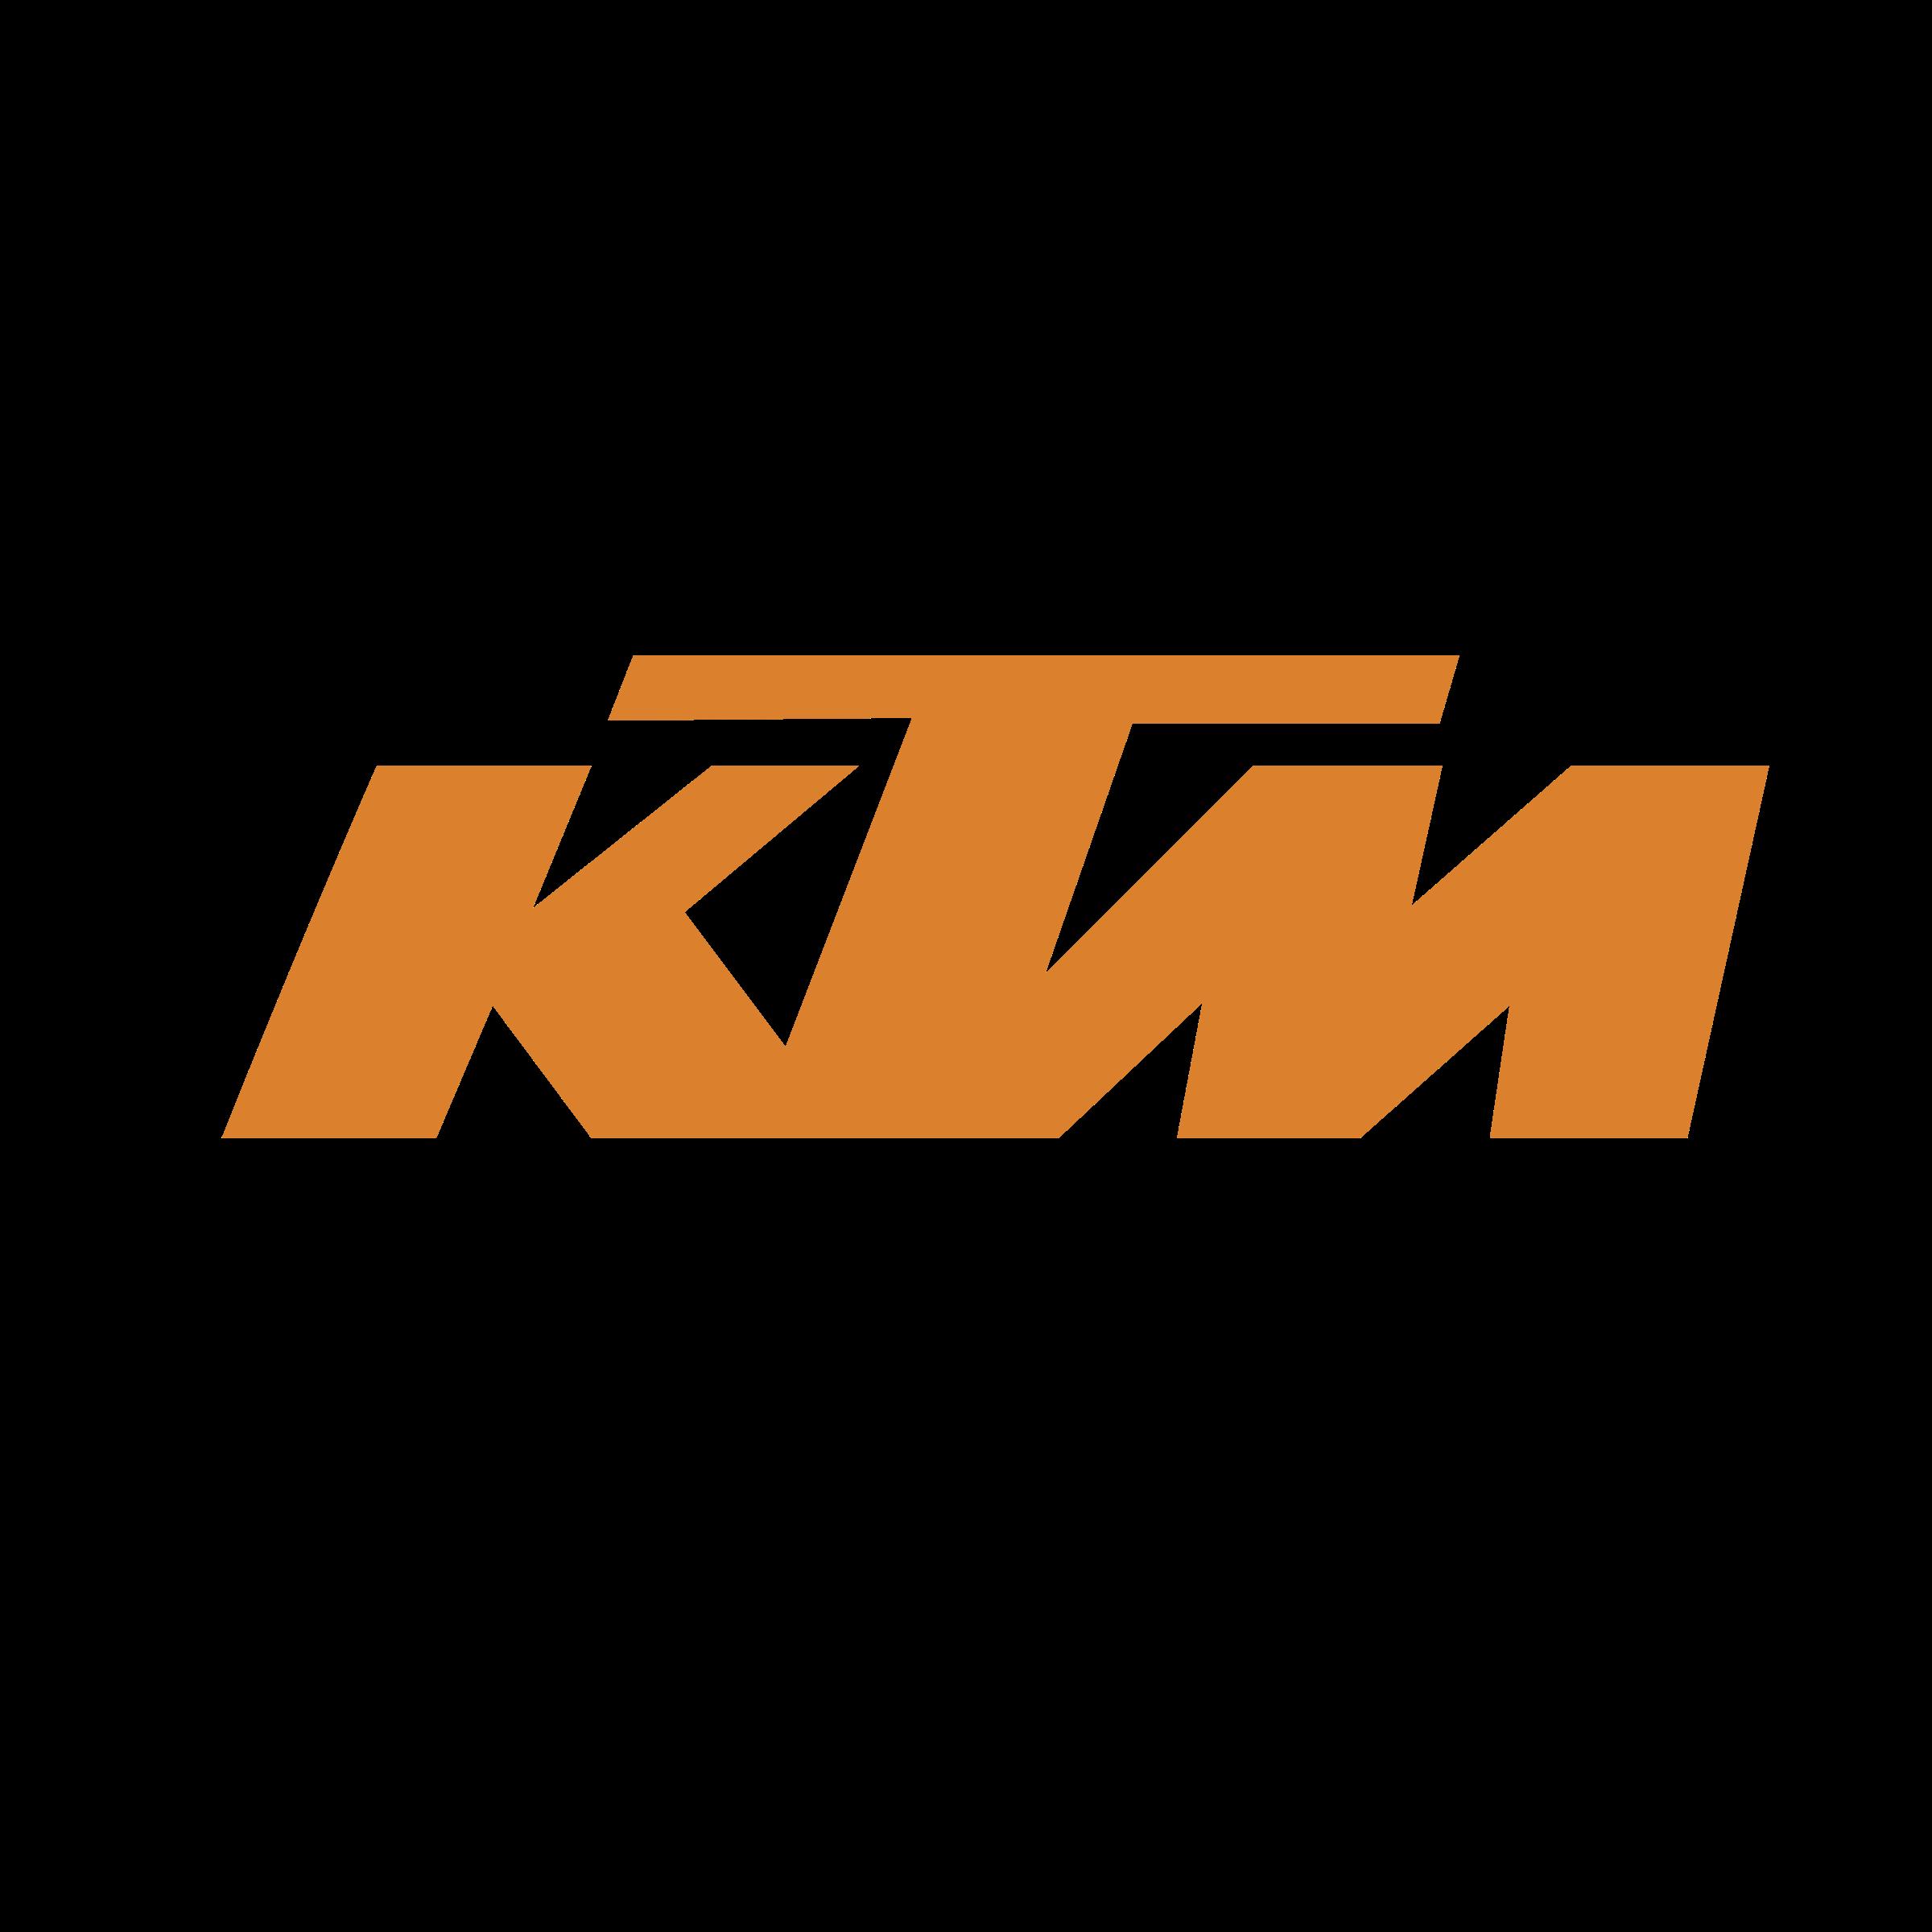 Ktm racing team logo png transparent